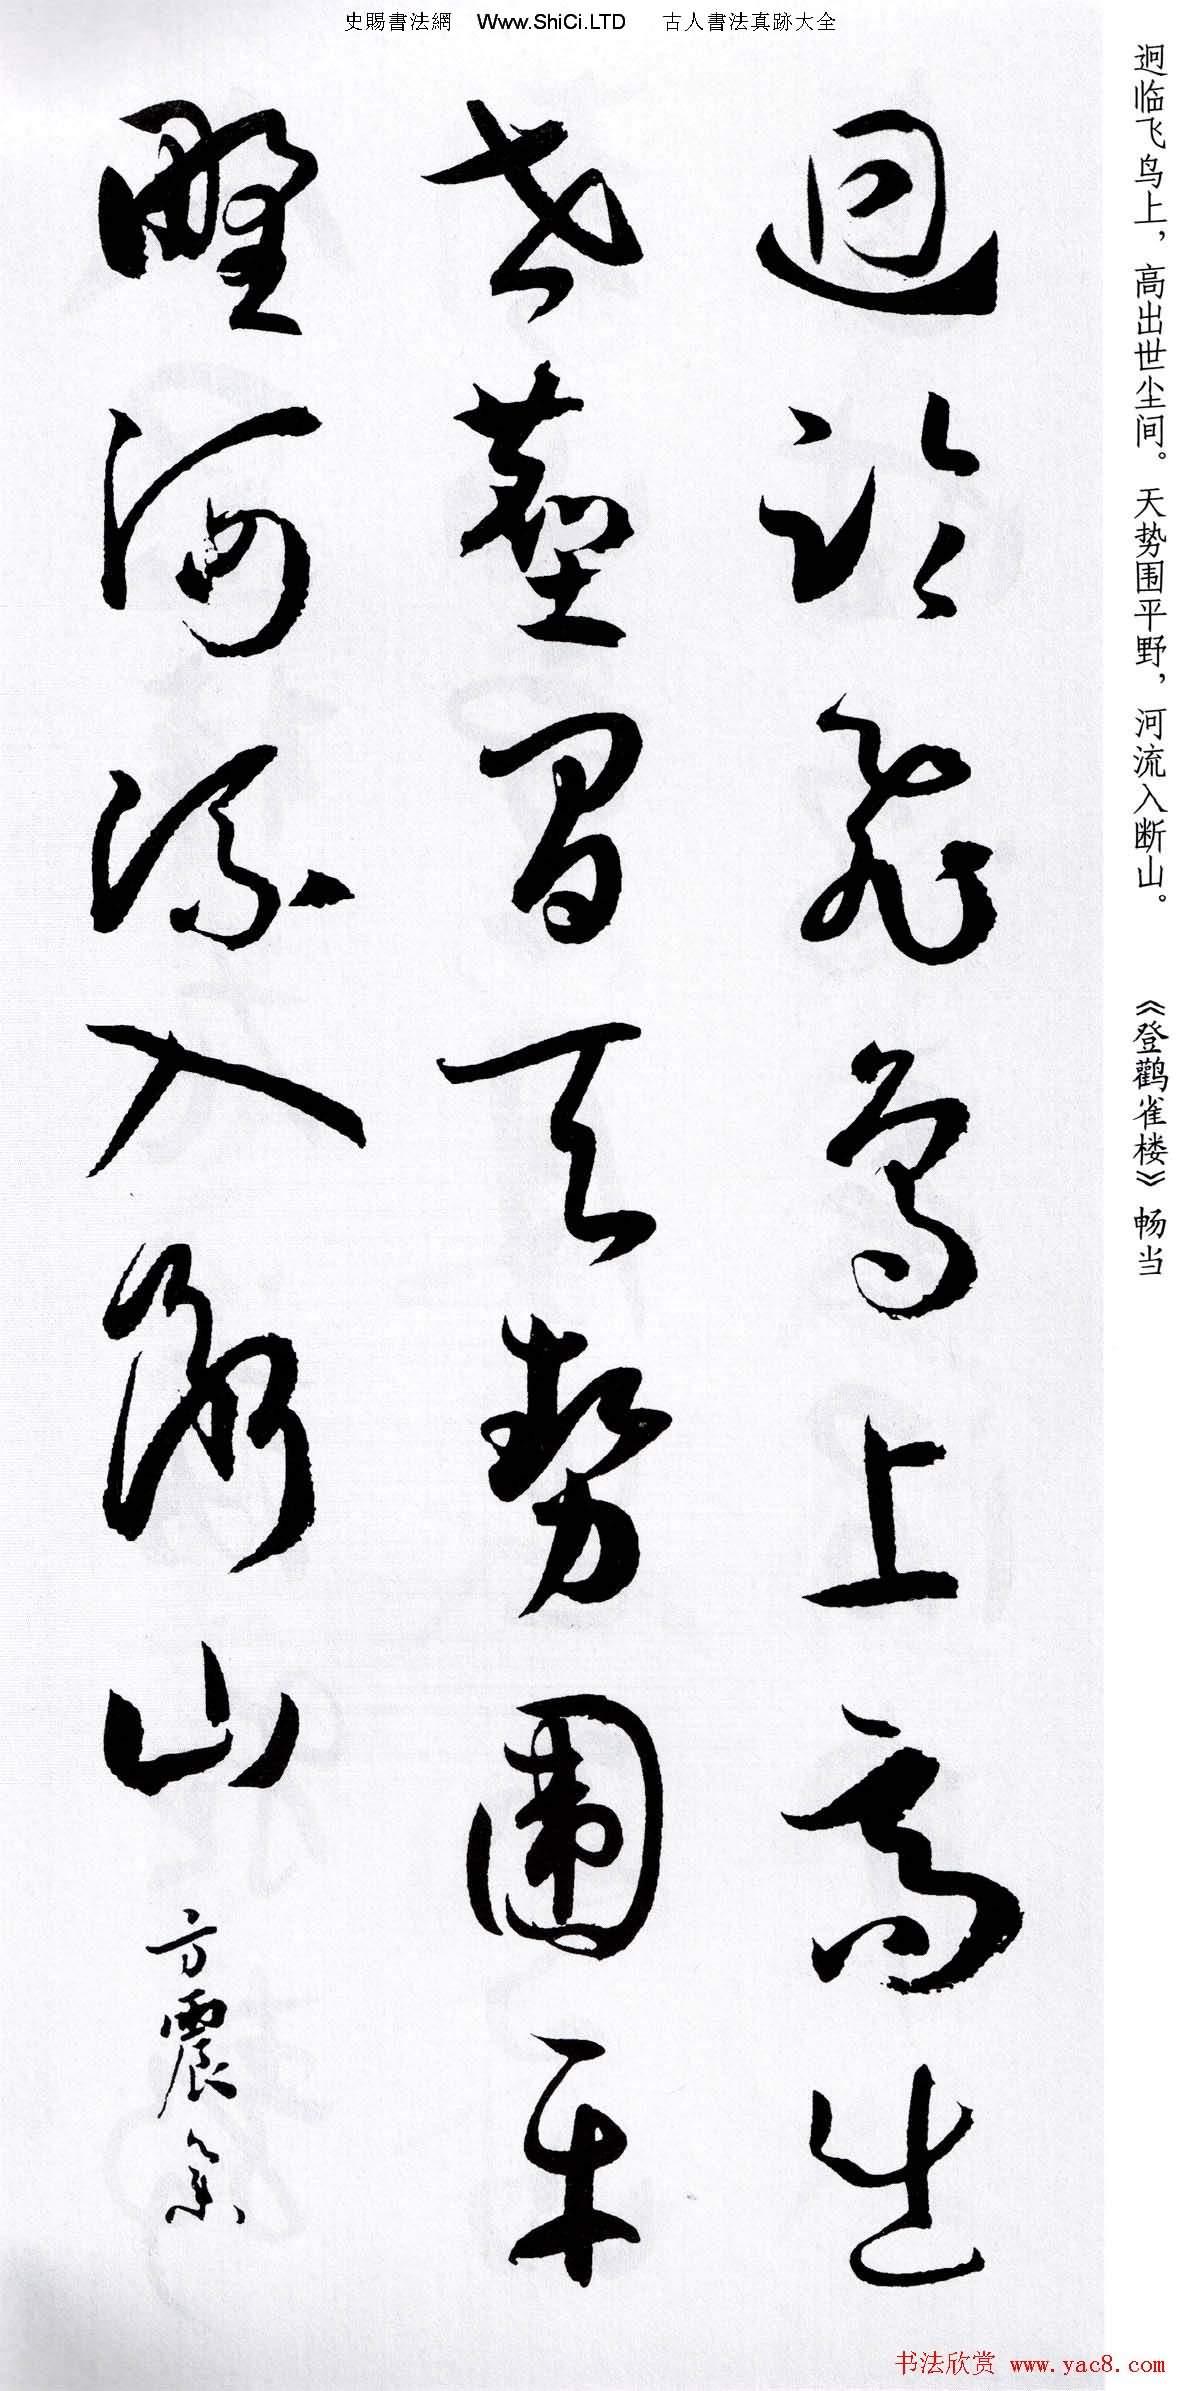 孫過庭草書字帖《五言古詩十七首》(共17張圖片)